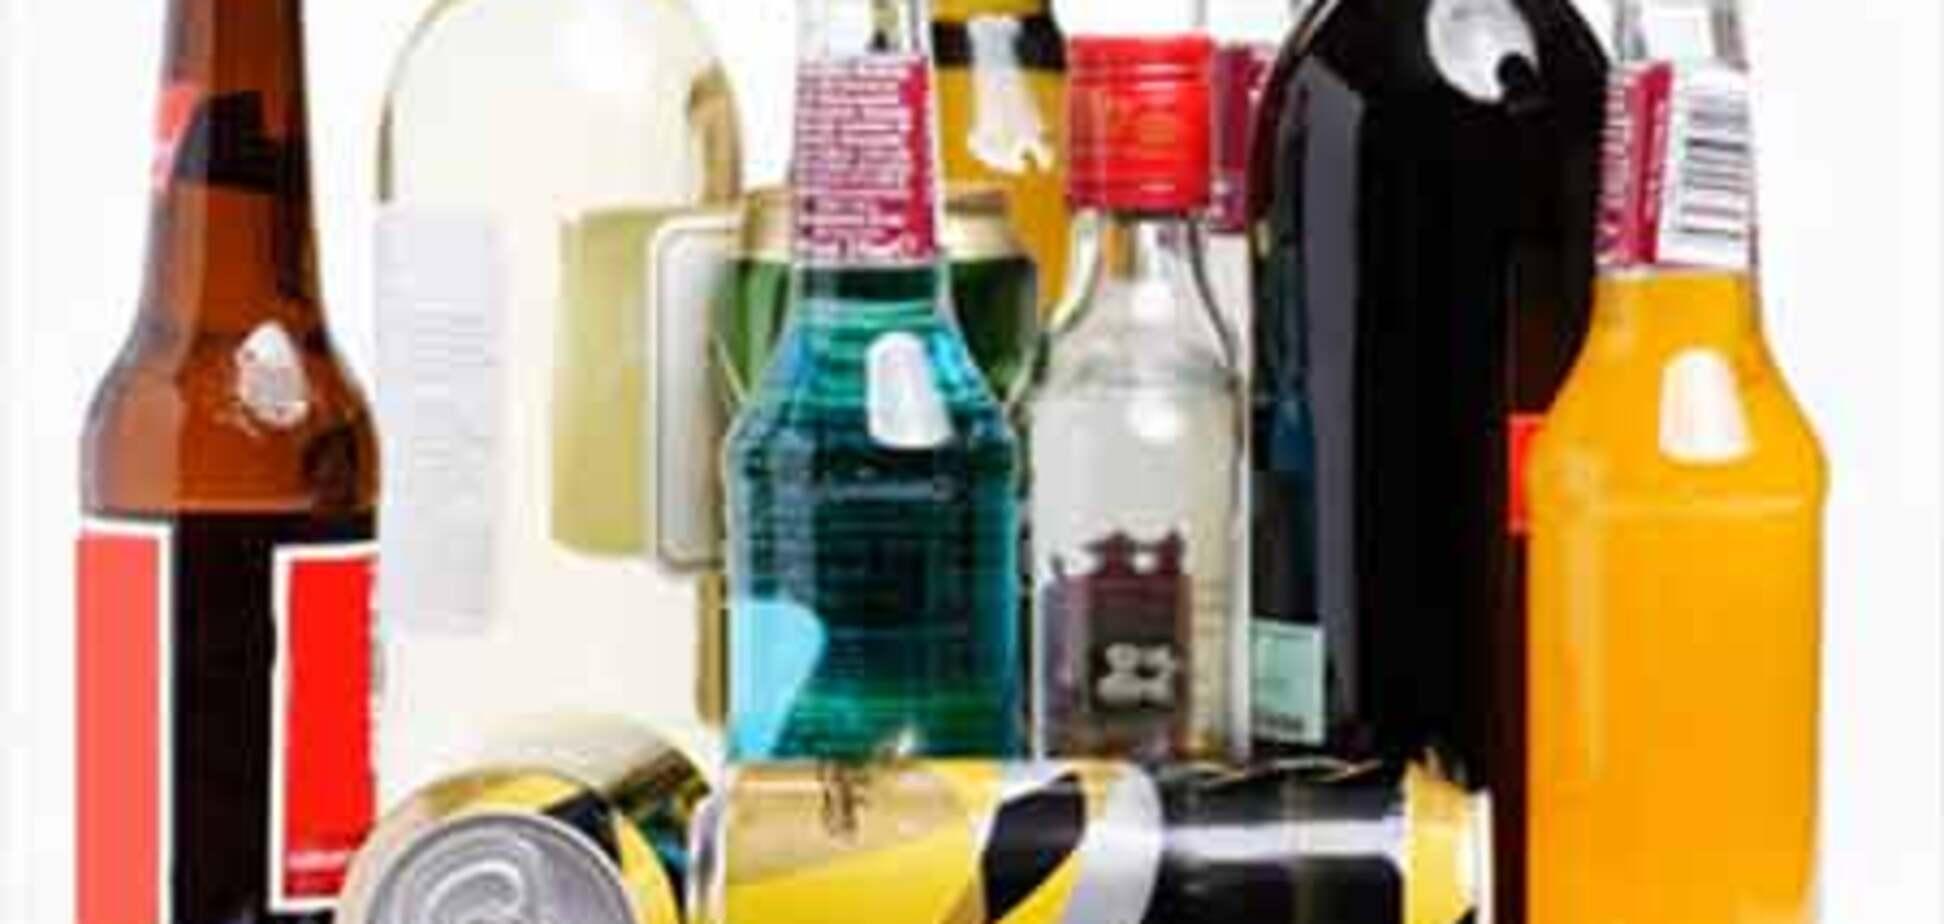 В Ванкувере ограничили продажу алкоголя